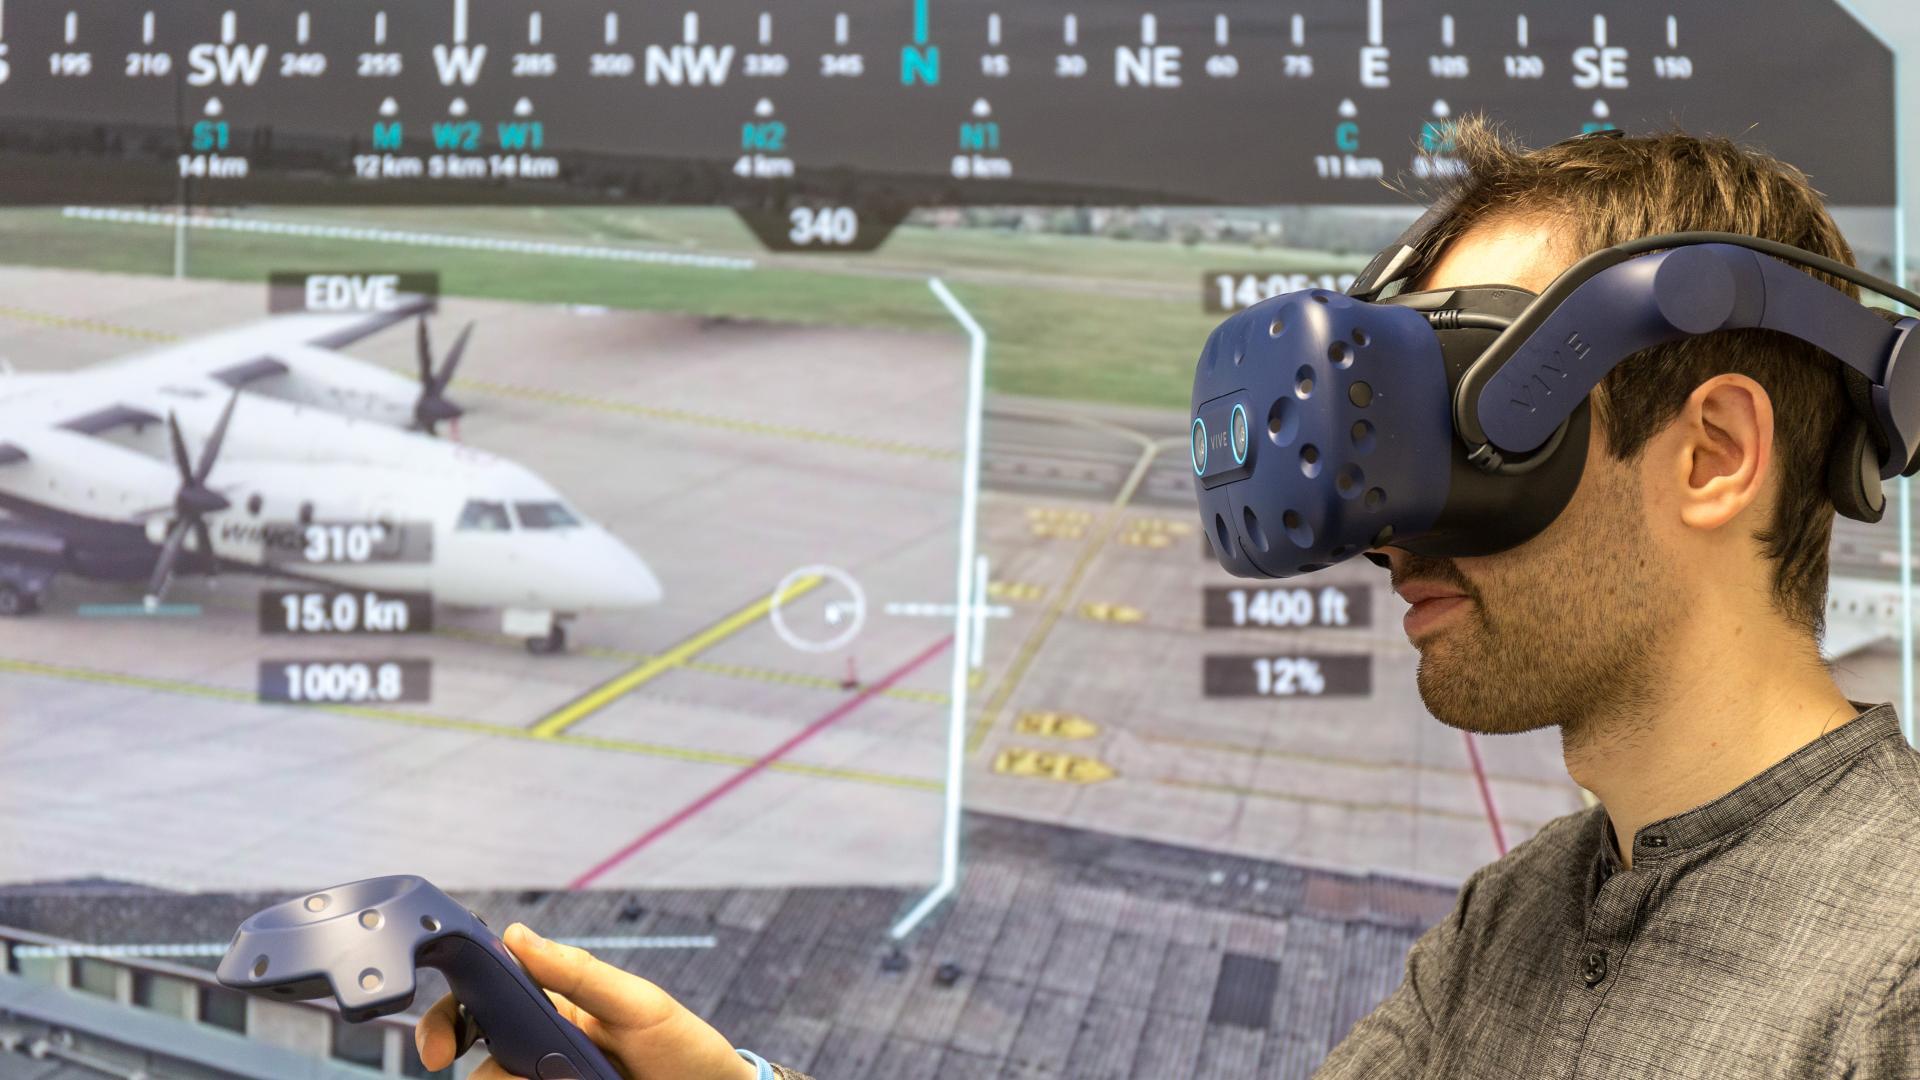 Kleine Flugplätze durch Virtual Reality unterstützen